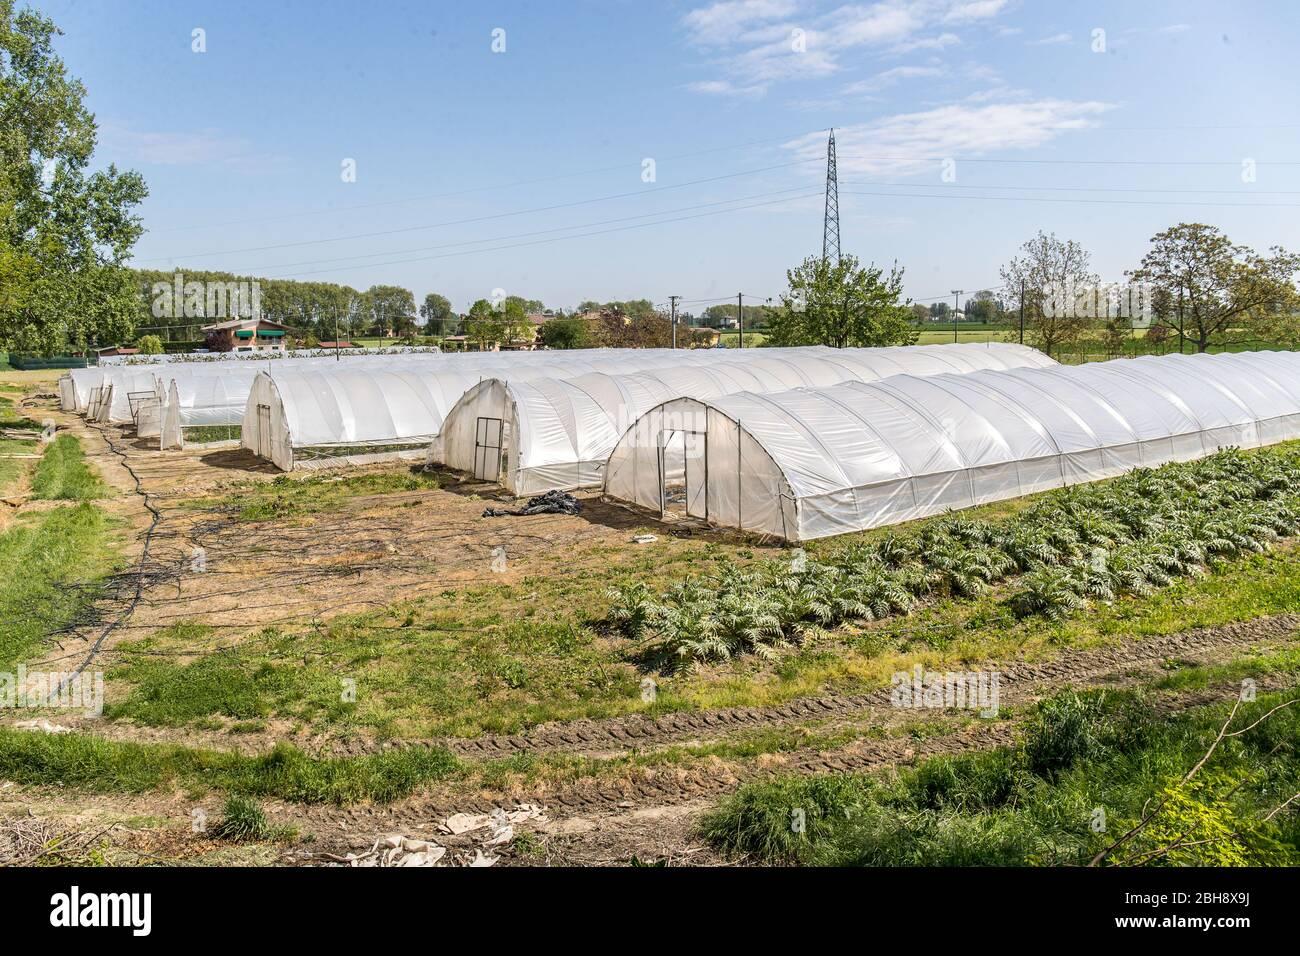 """Ferrara, Italien. 22 April 2020. Gewächshäuser mit Obst und Gemüse in der """"Casa di Stefano"""" (Haus Stefano) Erholungsgemeinschaft in Ferrara, Ita Stockfoto"""